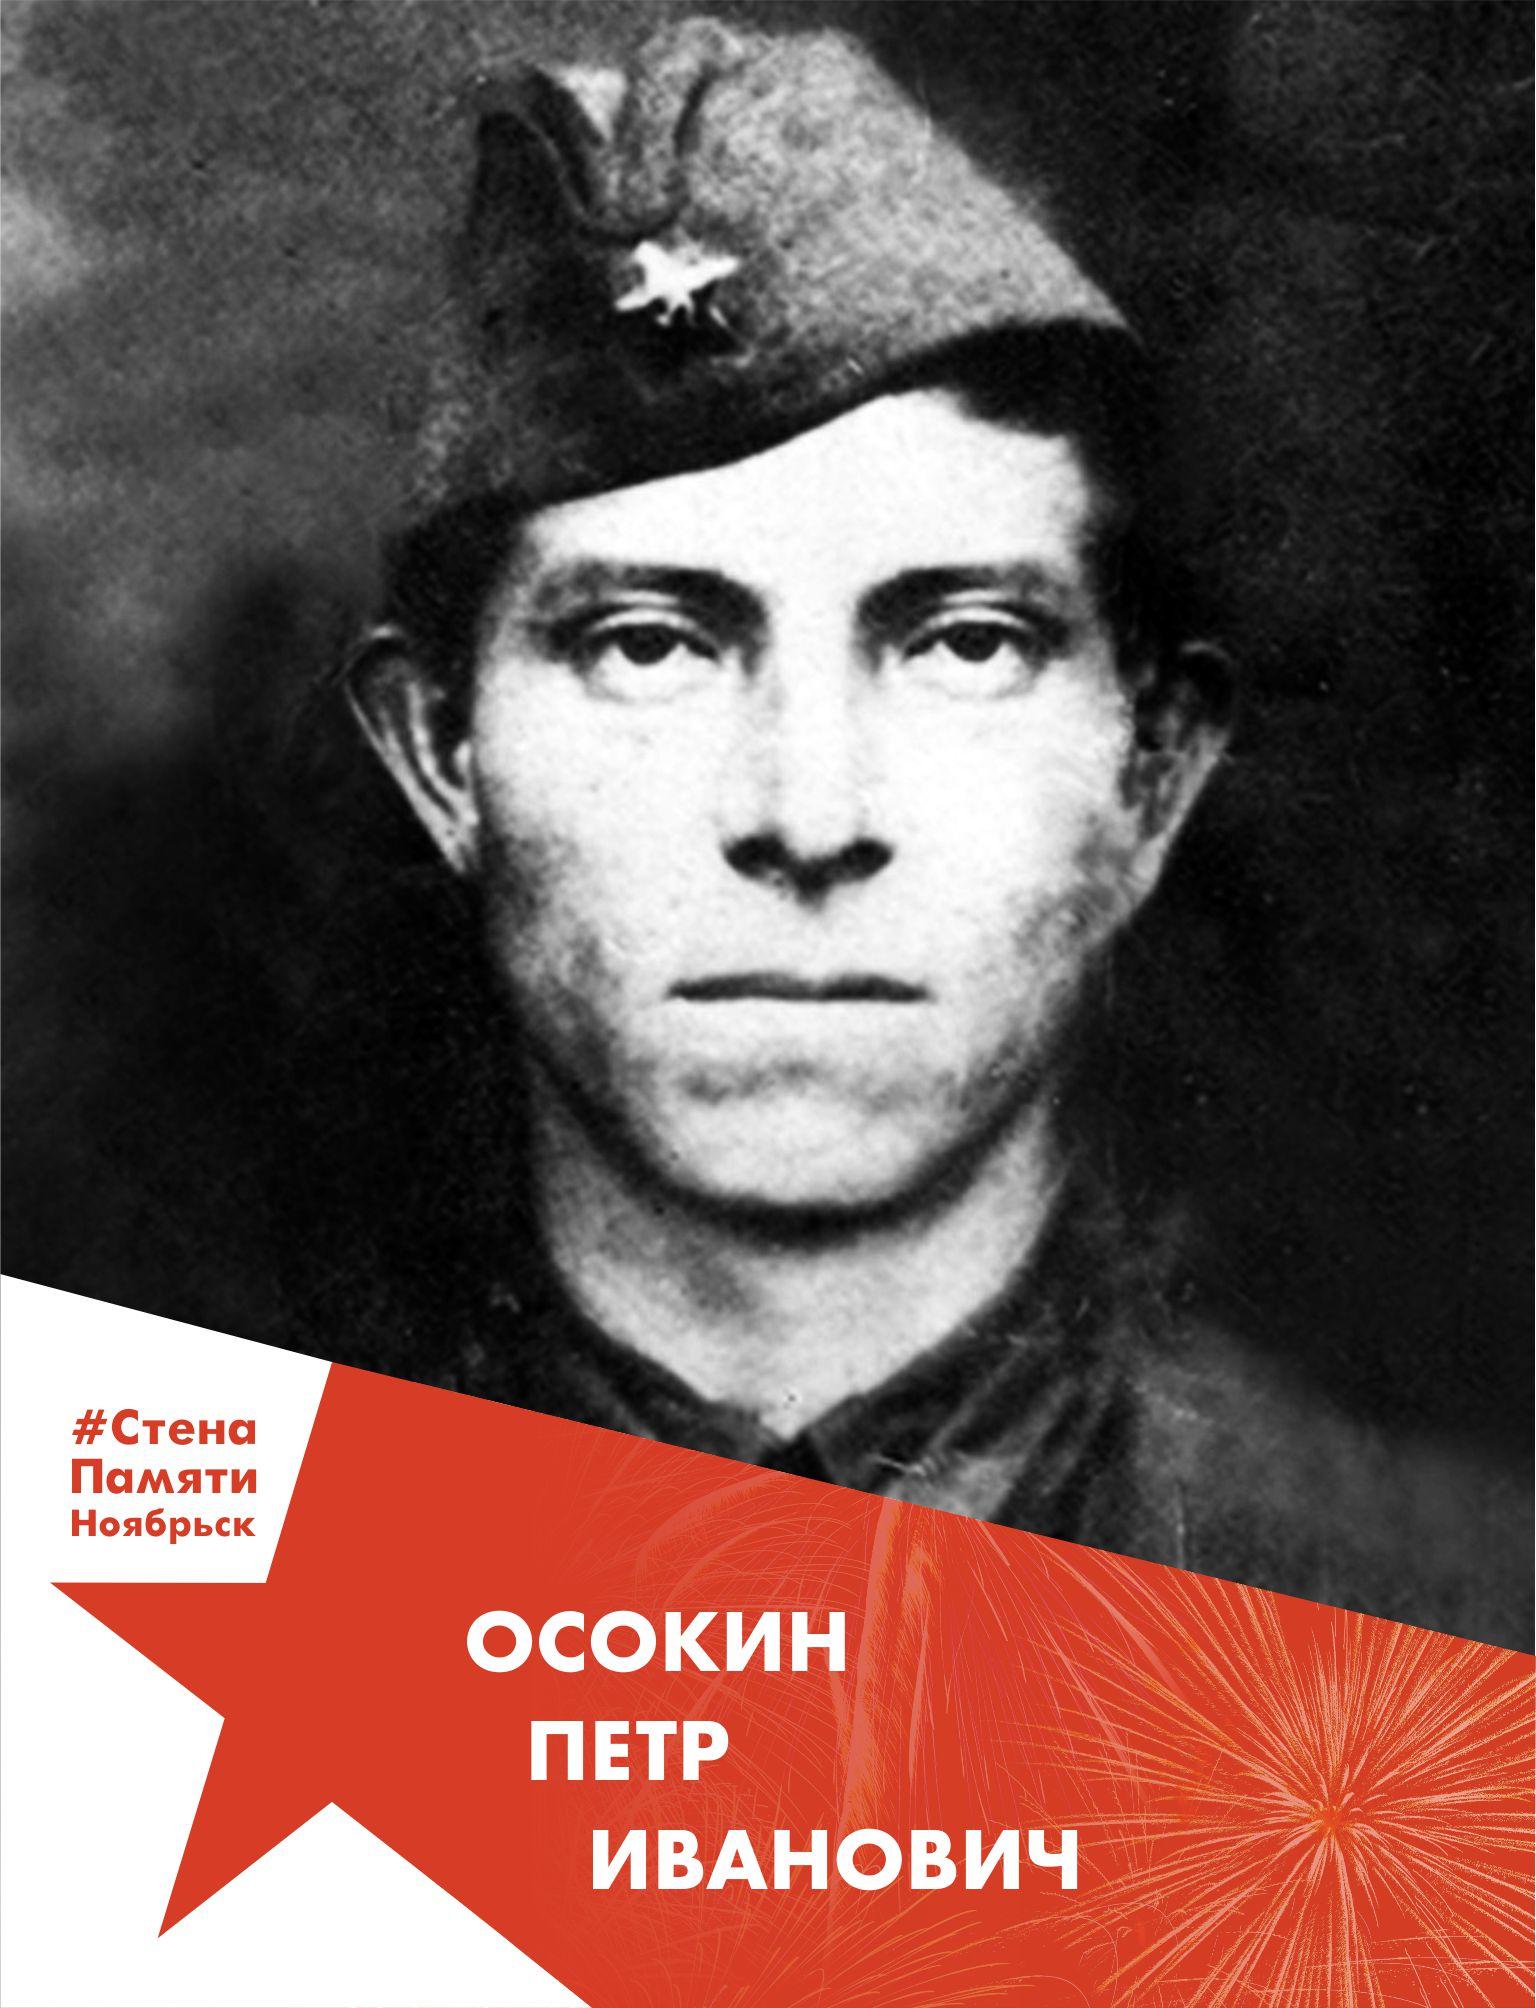 Осокин Пётр Иванович